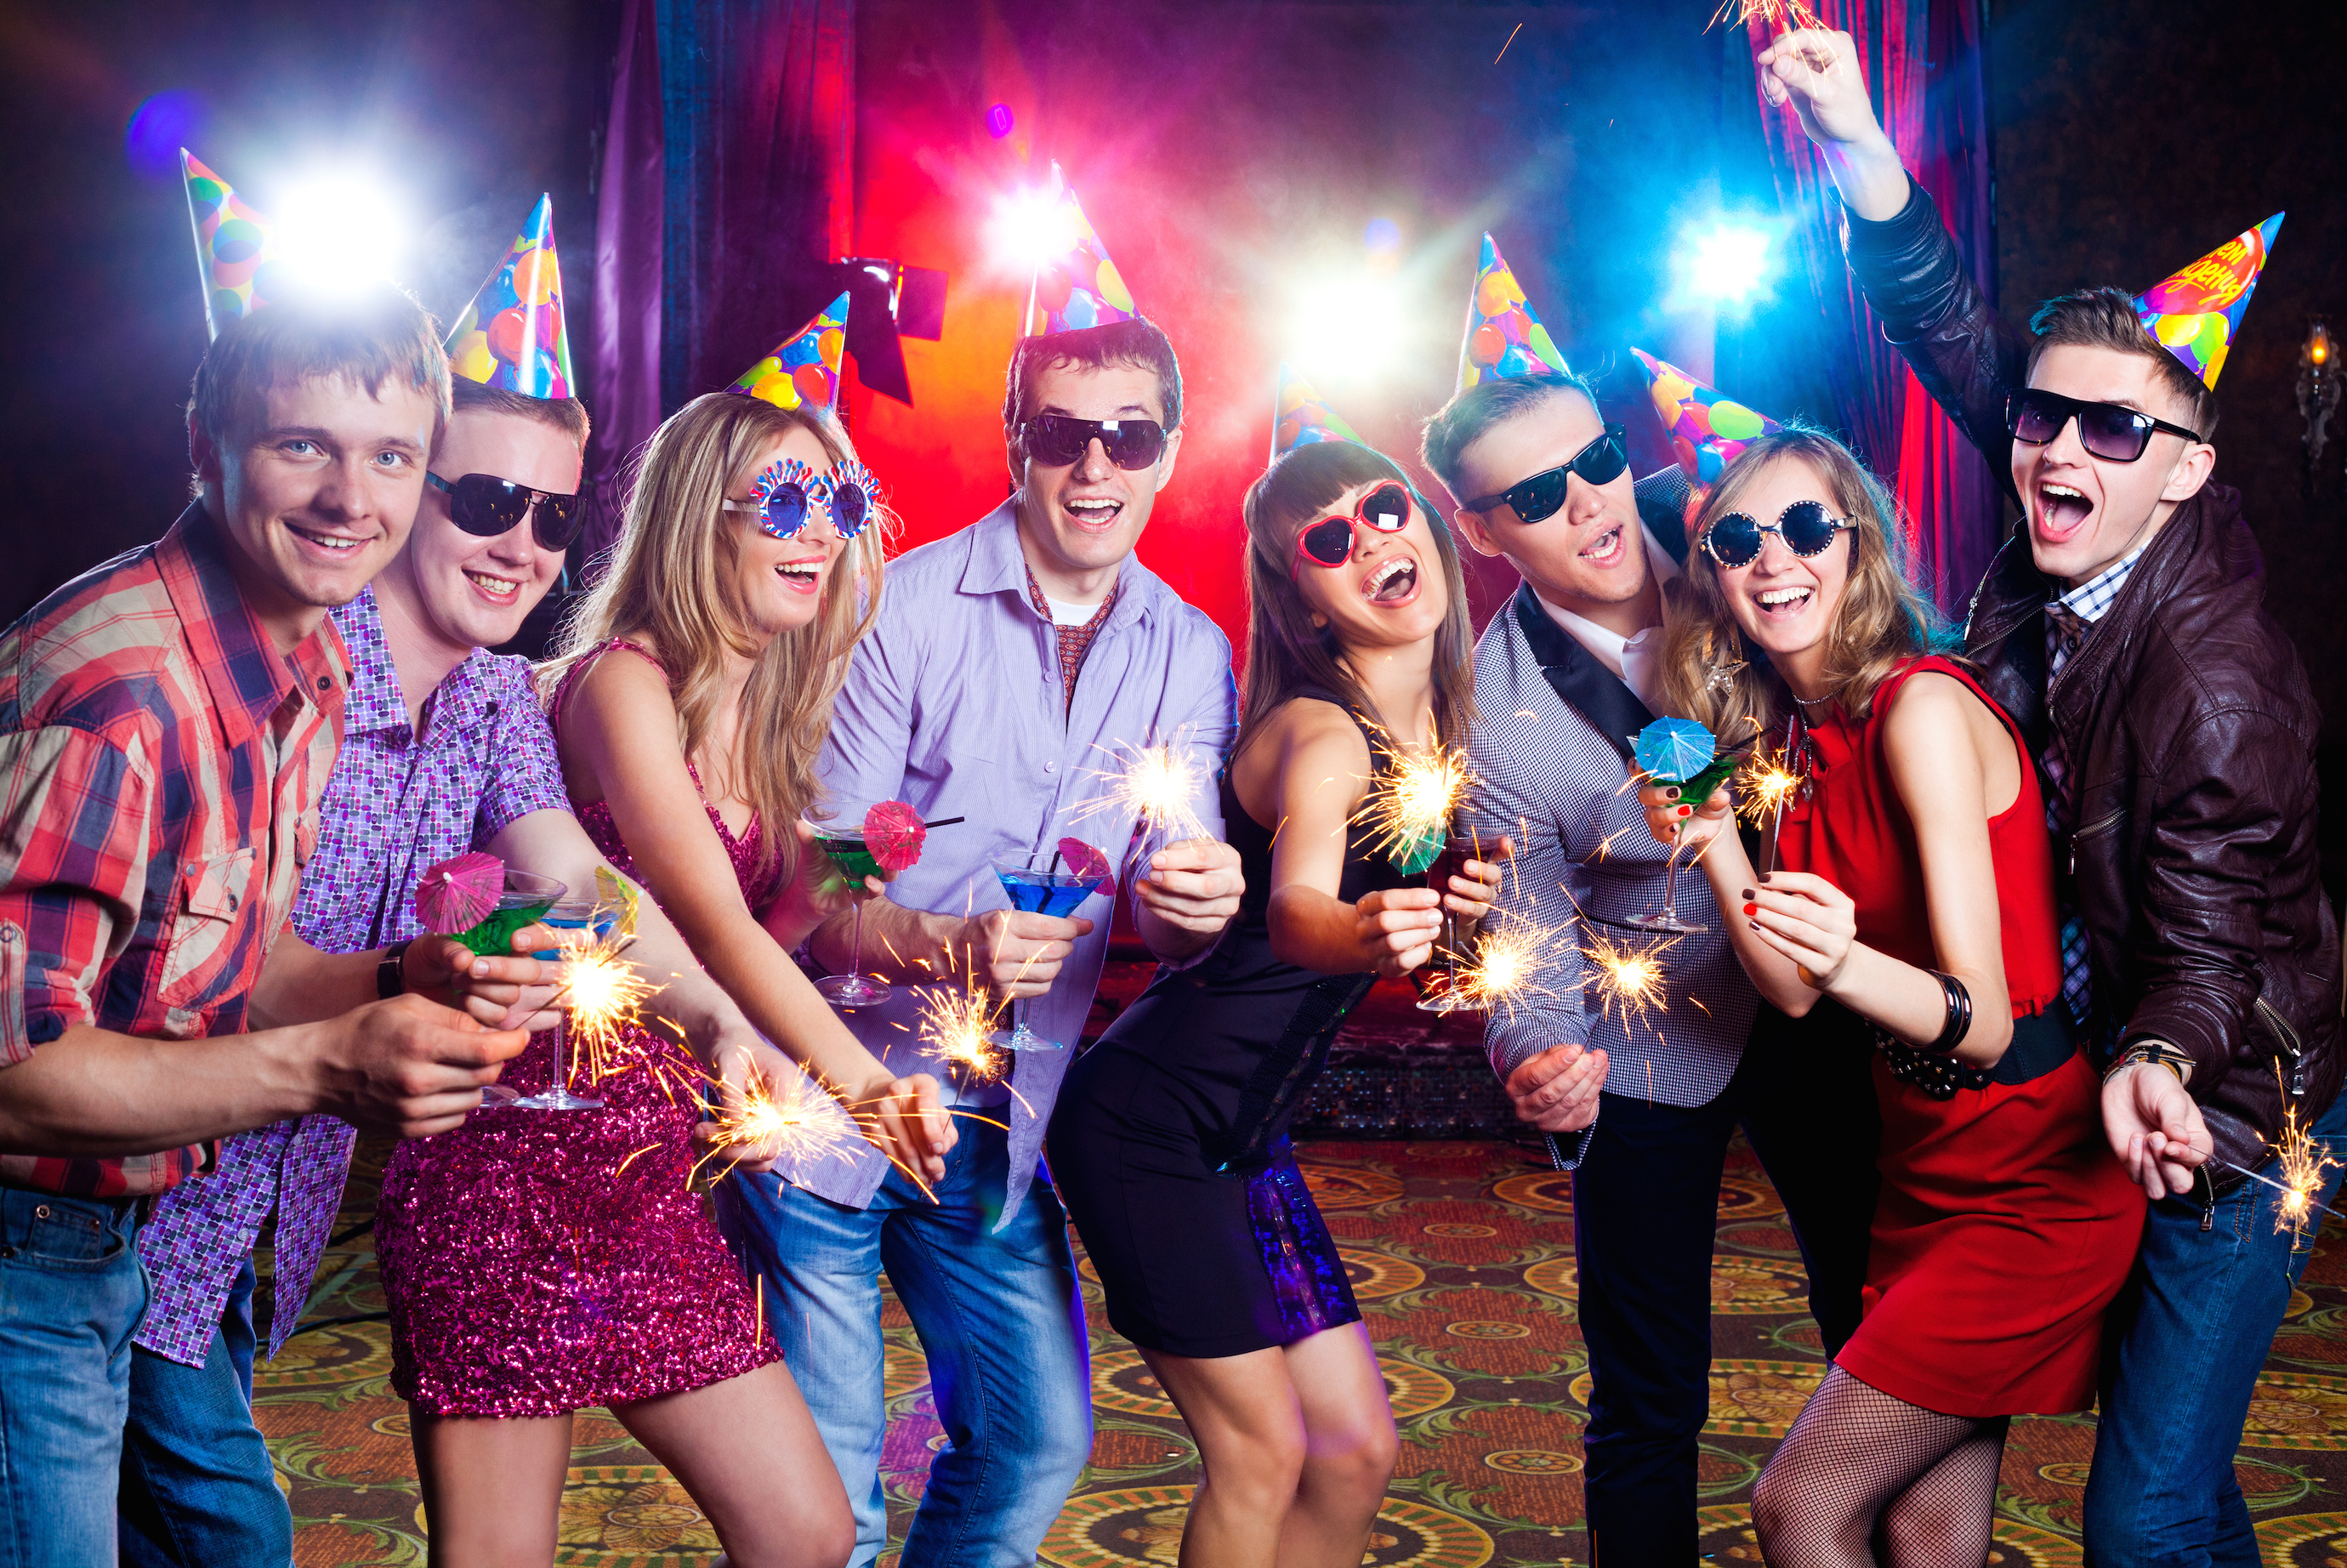 Развлечения на яндекс для взрослых 20 фотография